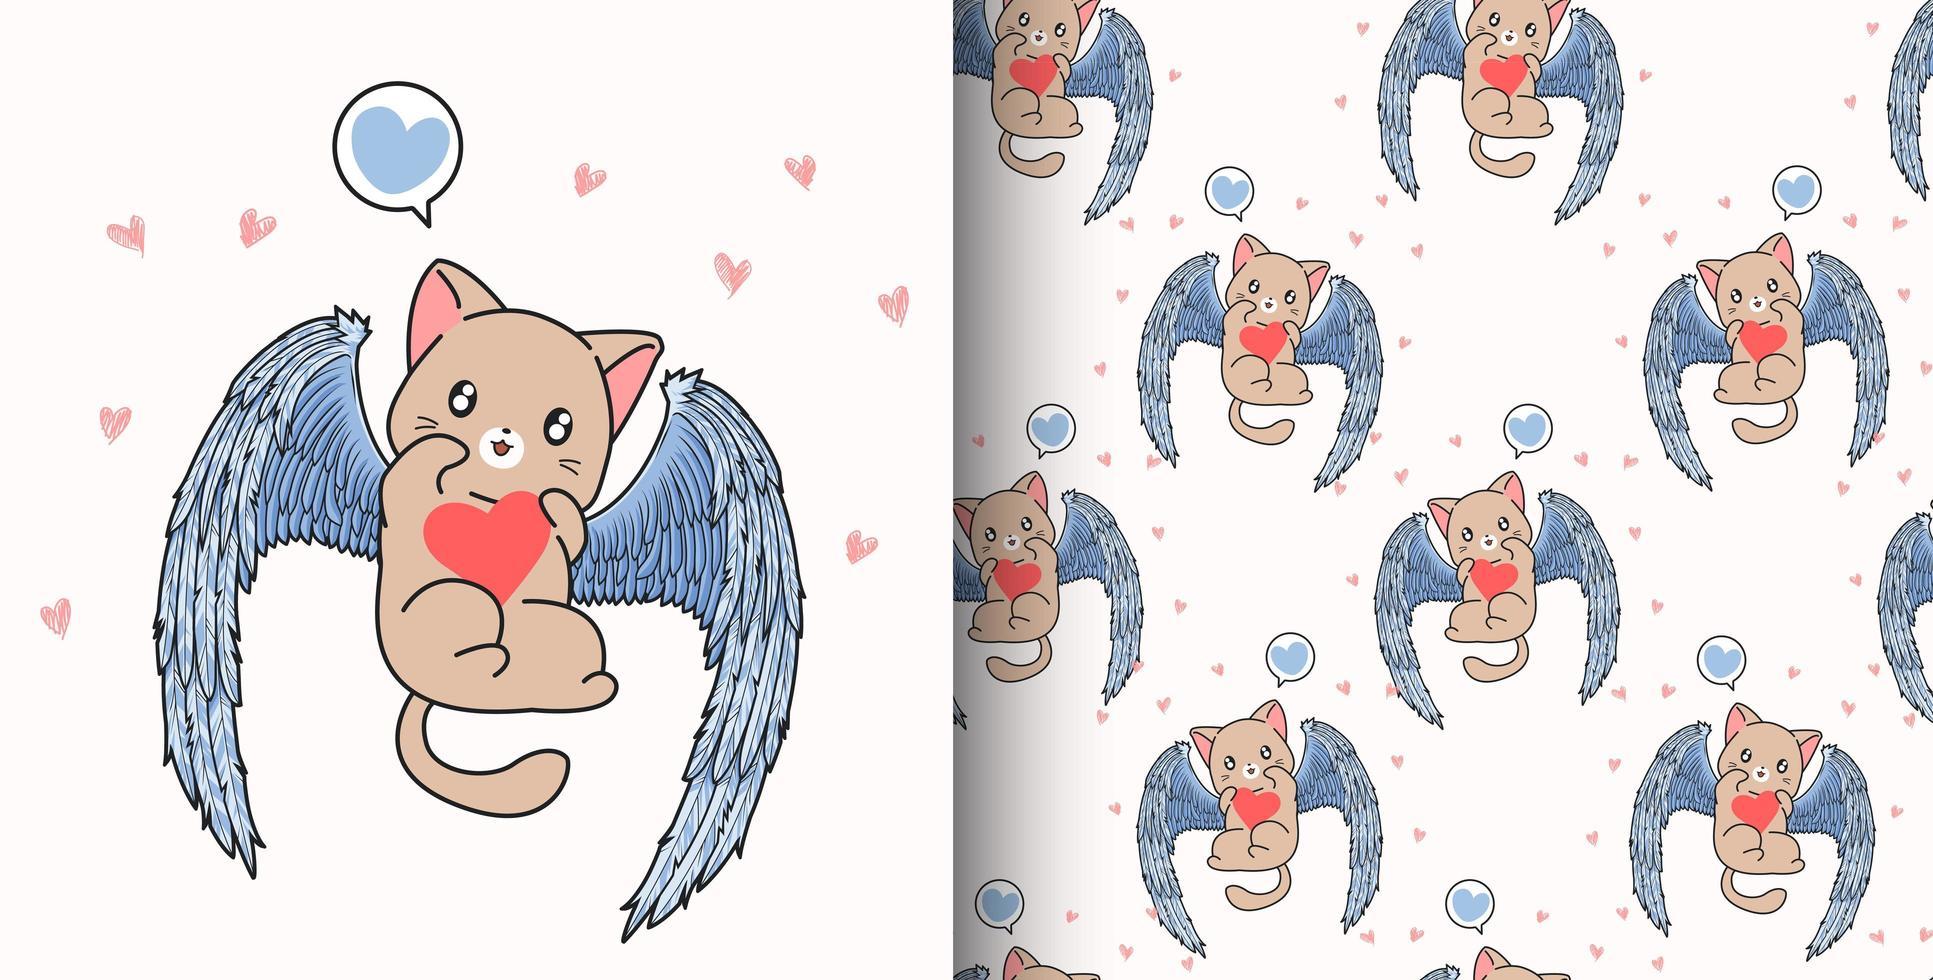 modèle sans couture kawaii cupidon chat tenant coeur vecteur